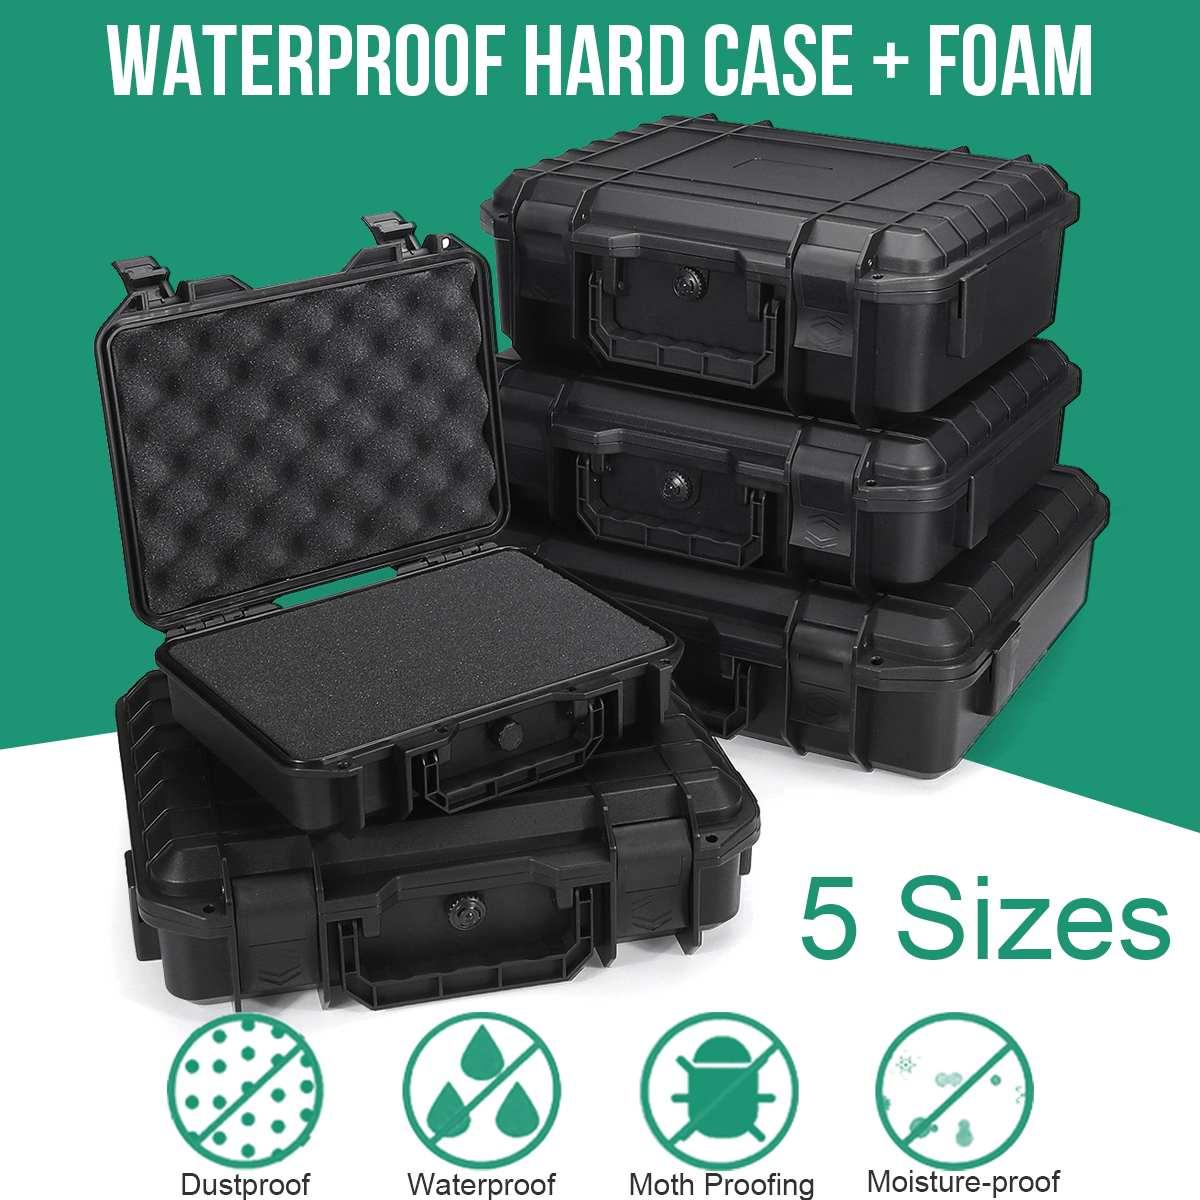 Защитный чехол для инструментов, водонепроницаемый противоударный ящик для хранения инструментов, герметичный чехол для инструментов, про...